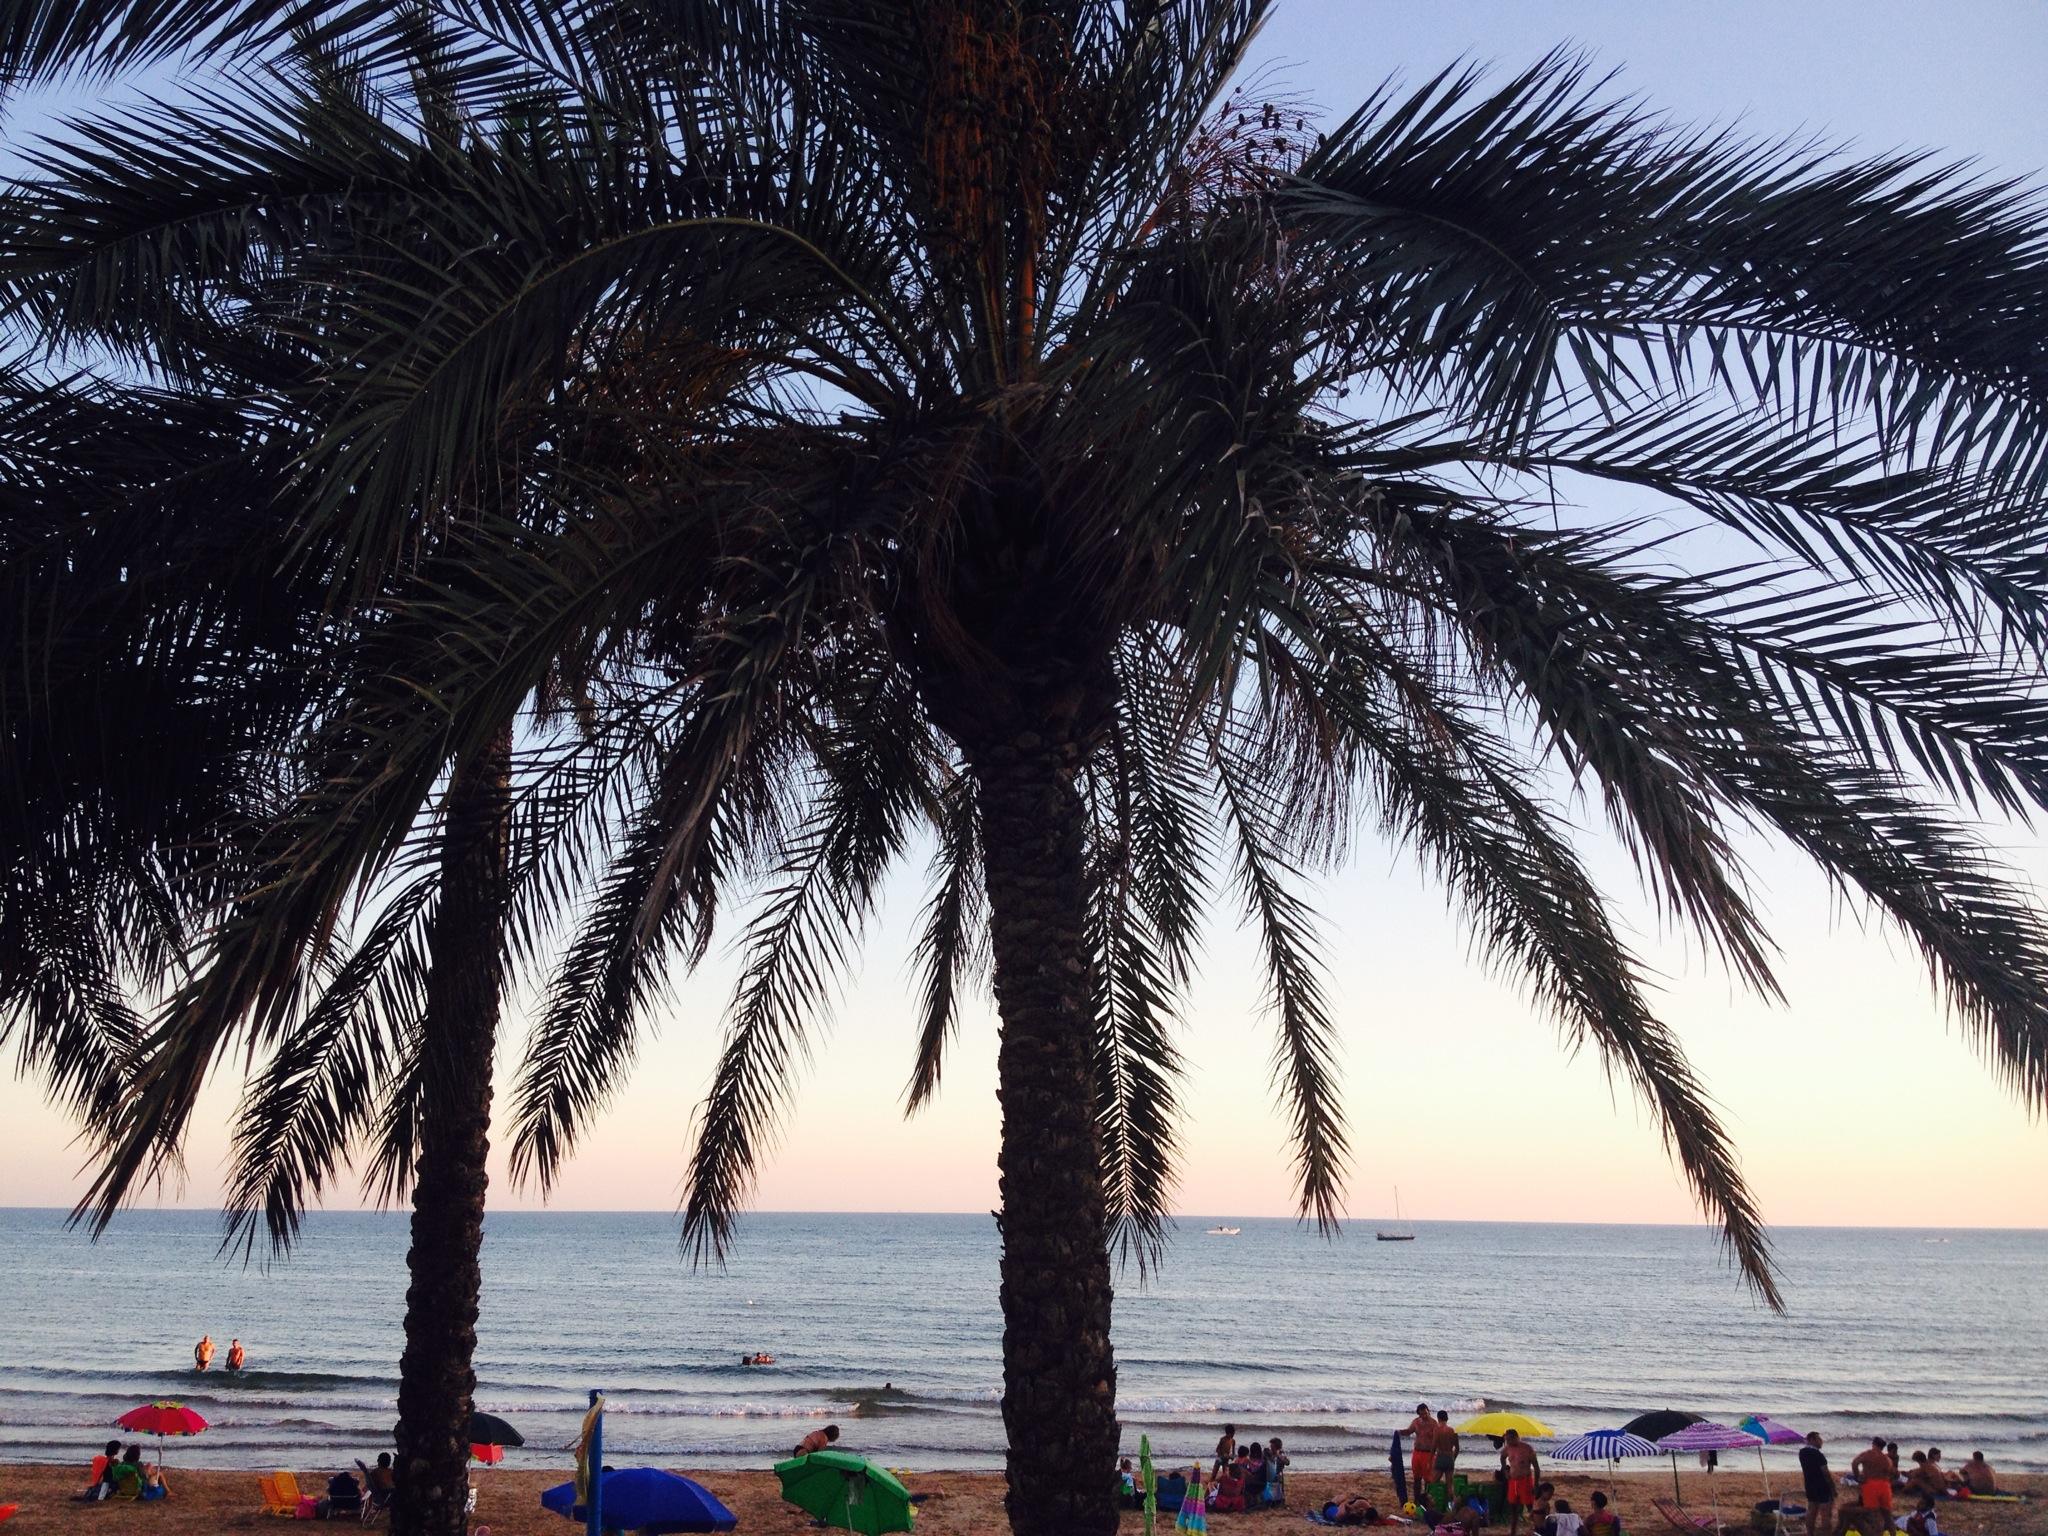 Le palme che costeggiano il lungomare di Marina di Ragusa.